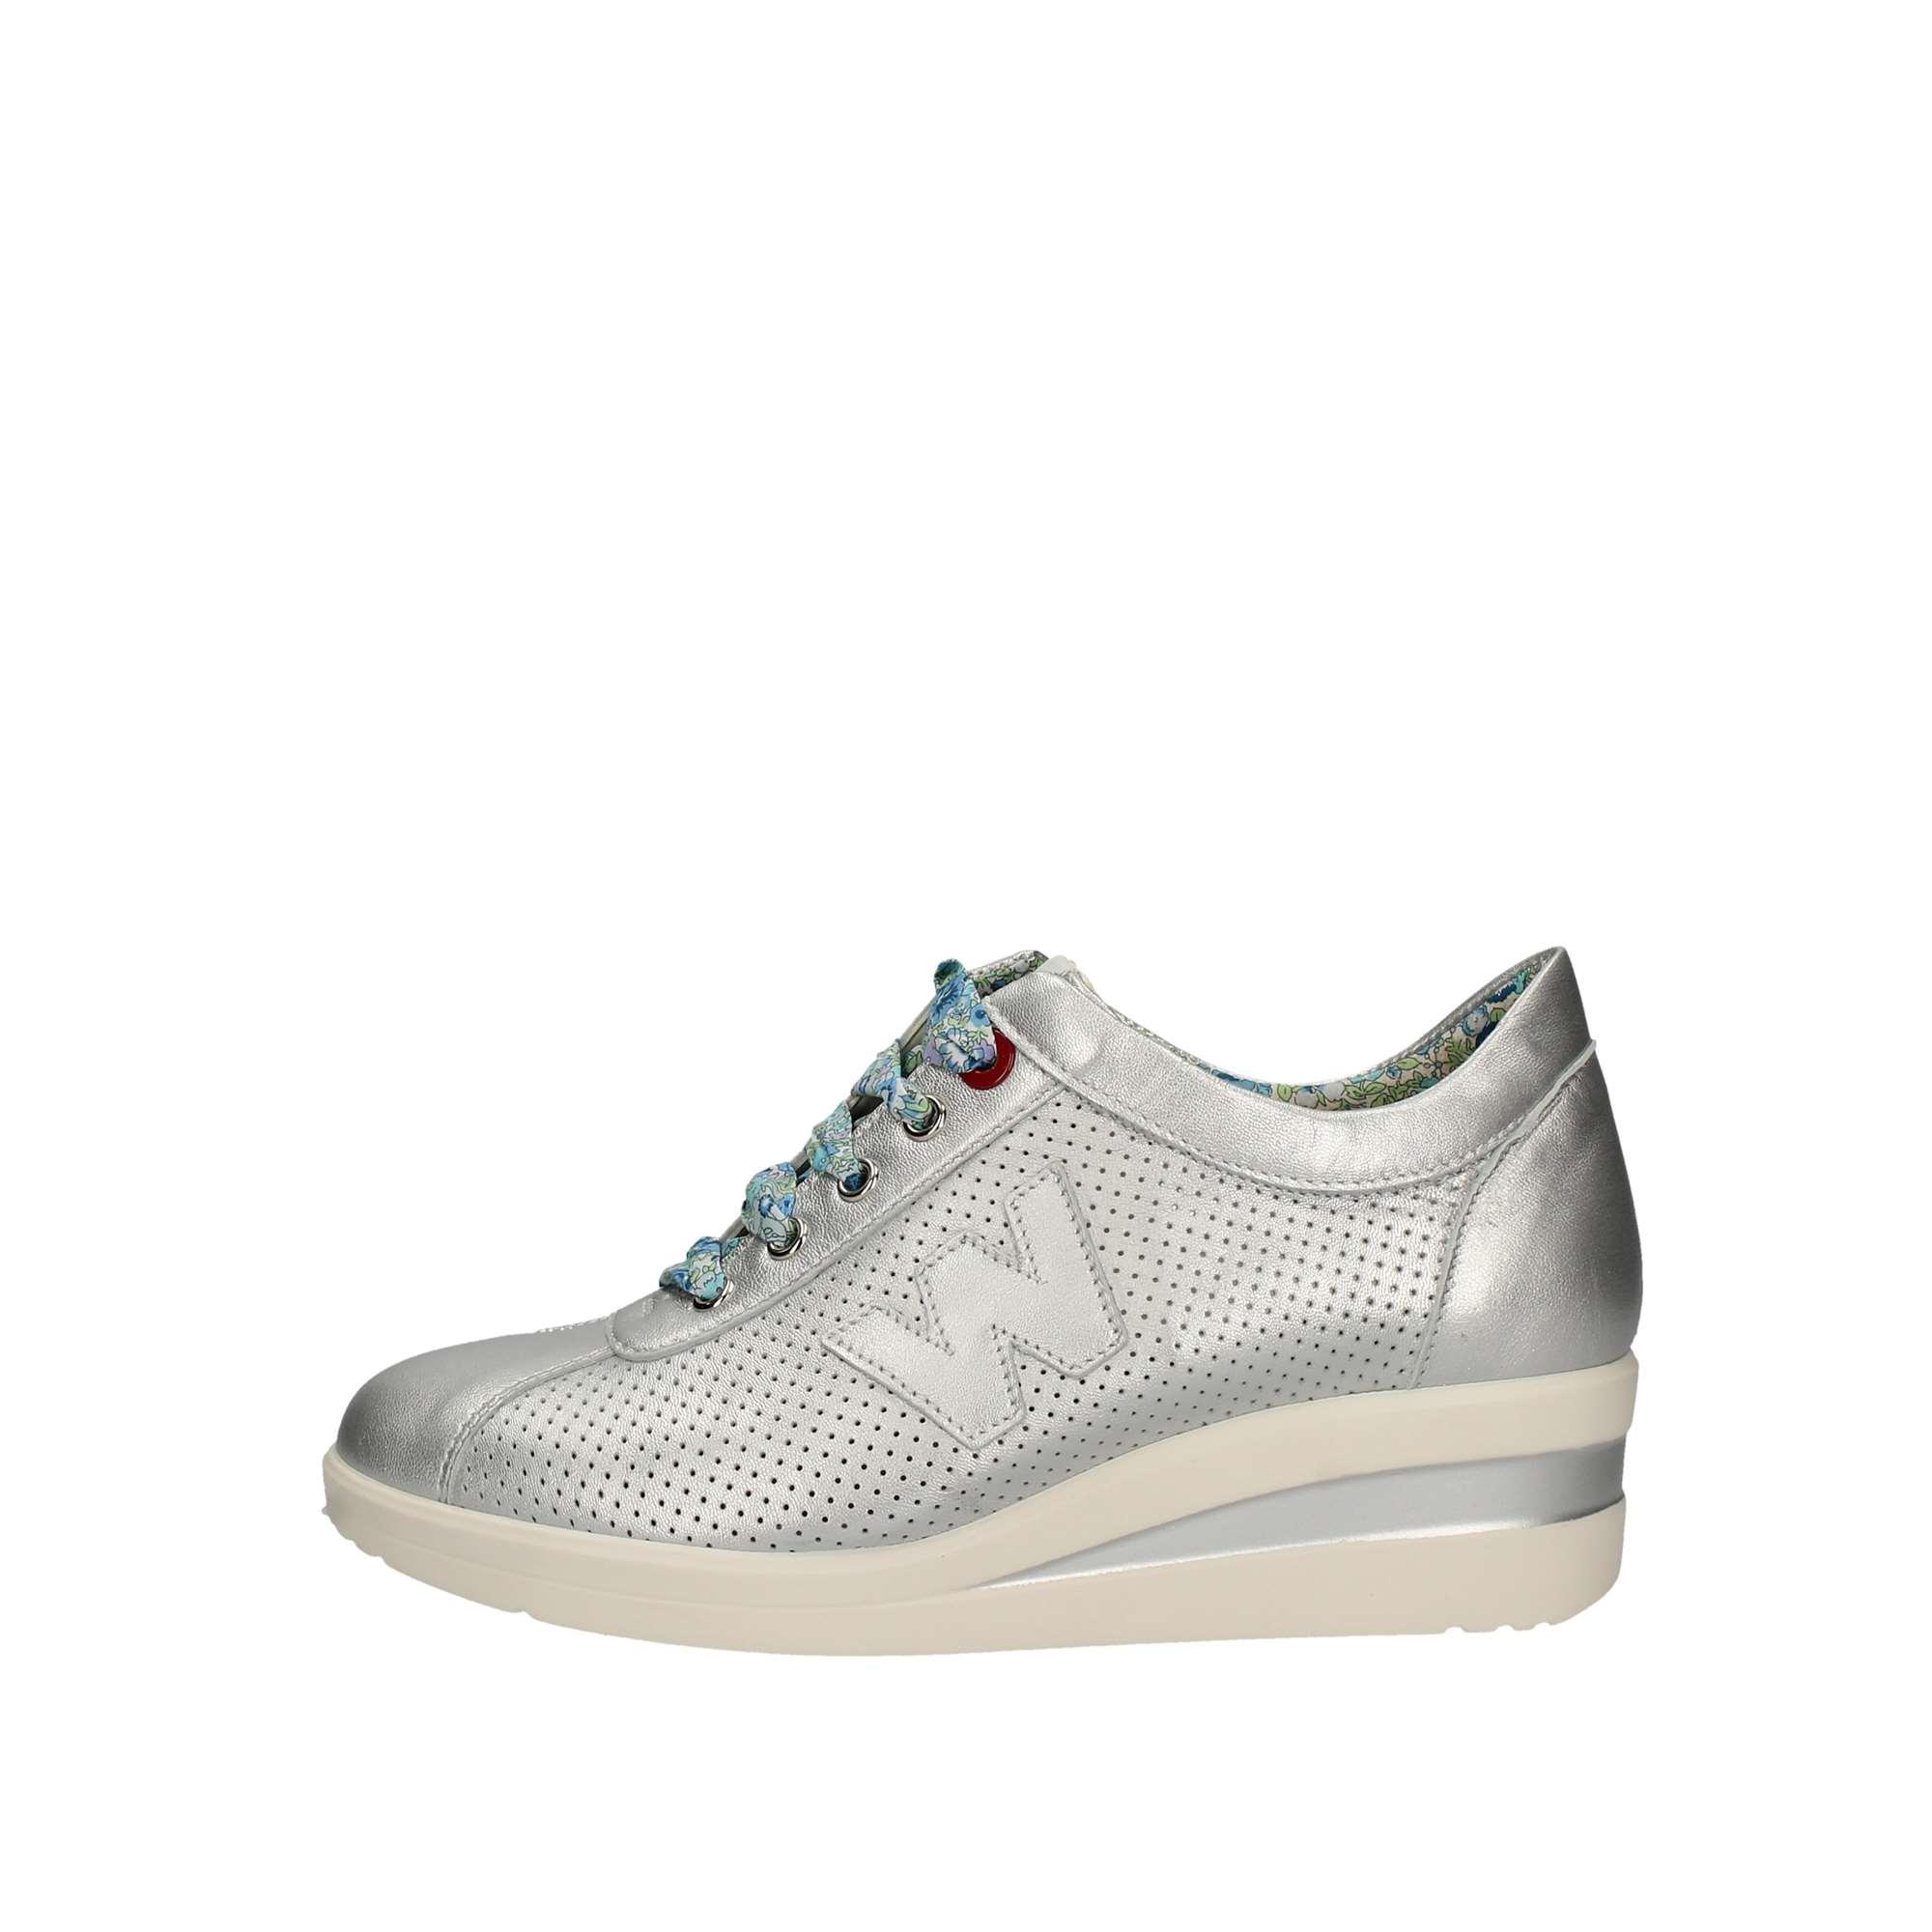 Melluso Sneakers Donna R20110E | Acquista ora su Sorrentino